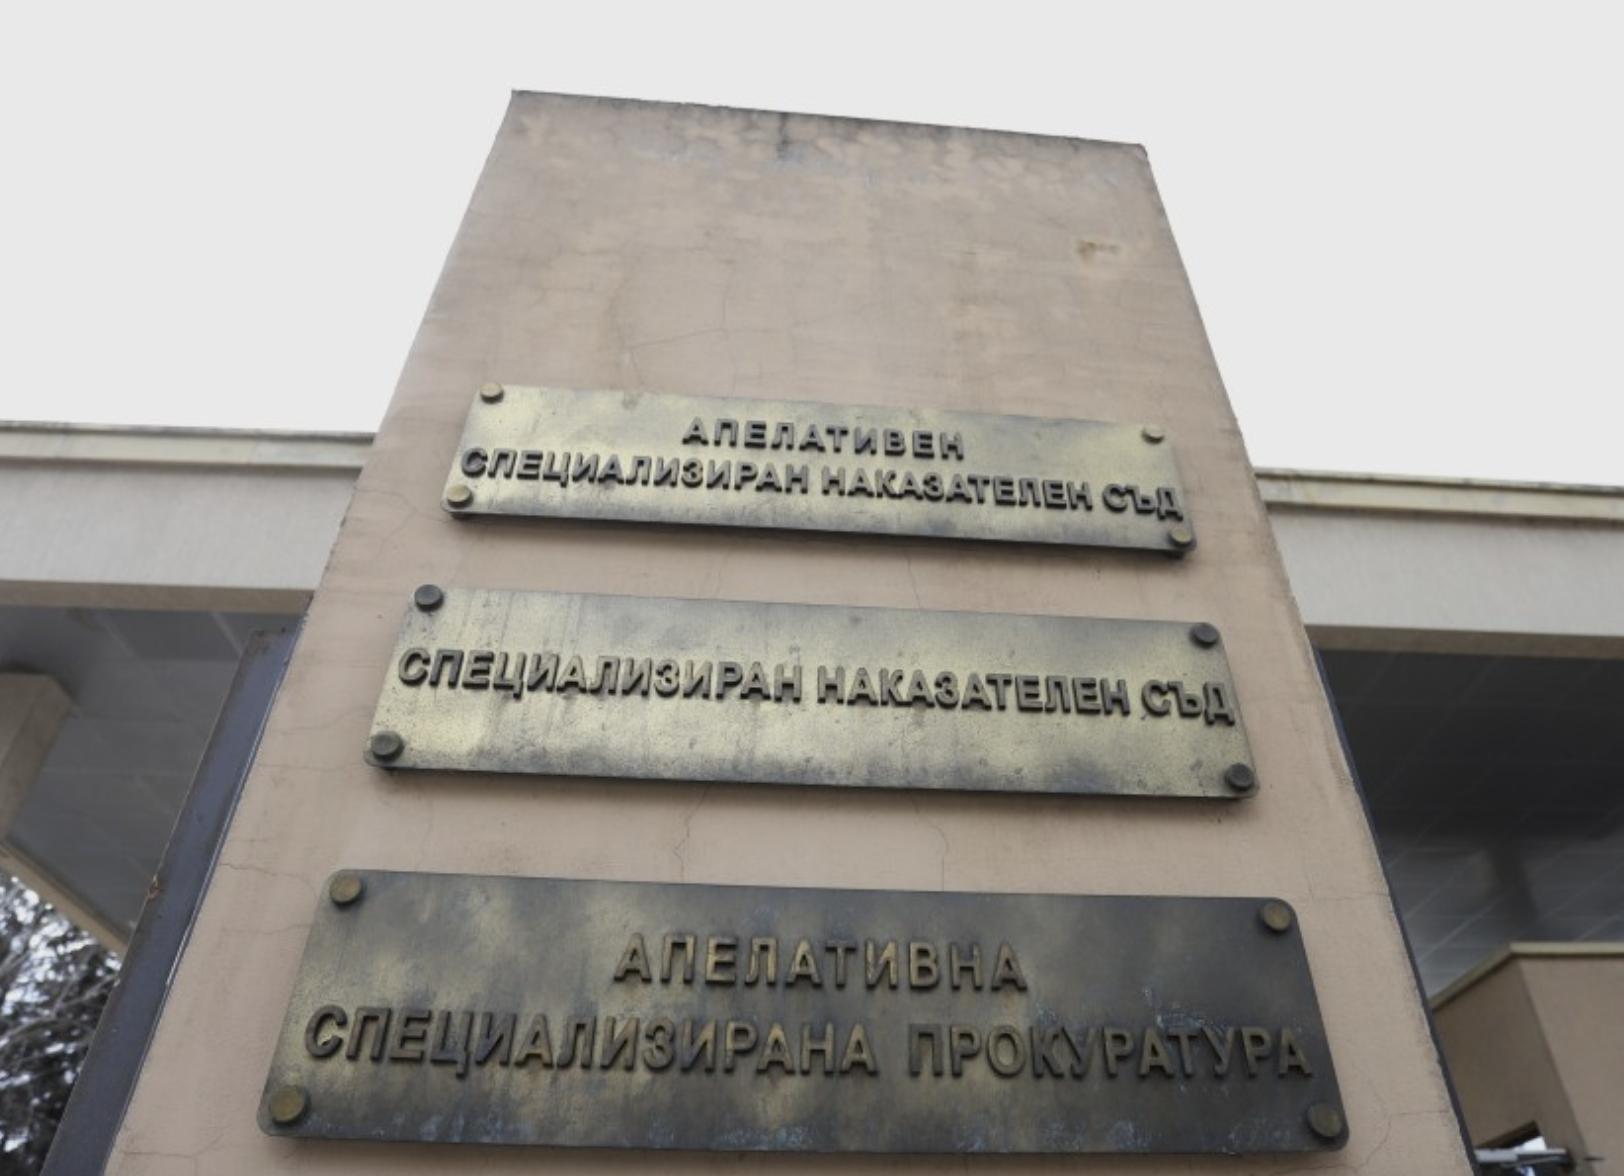 Bugarska: Lider političke partije optužen za špijunažu